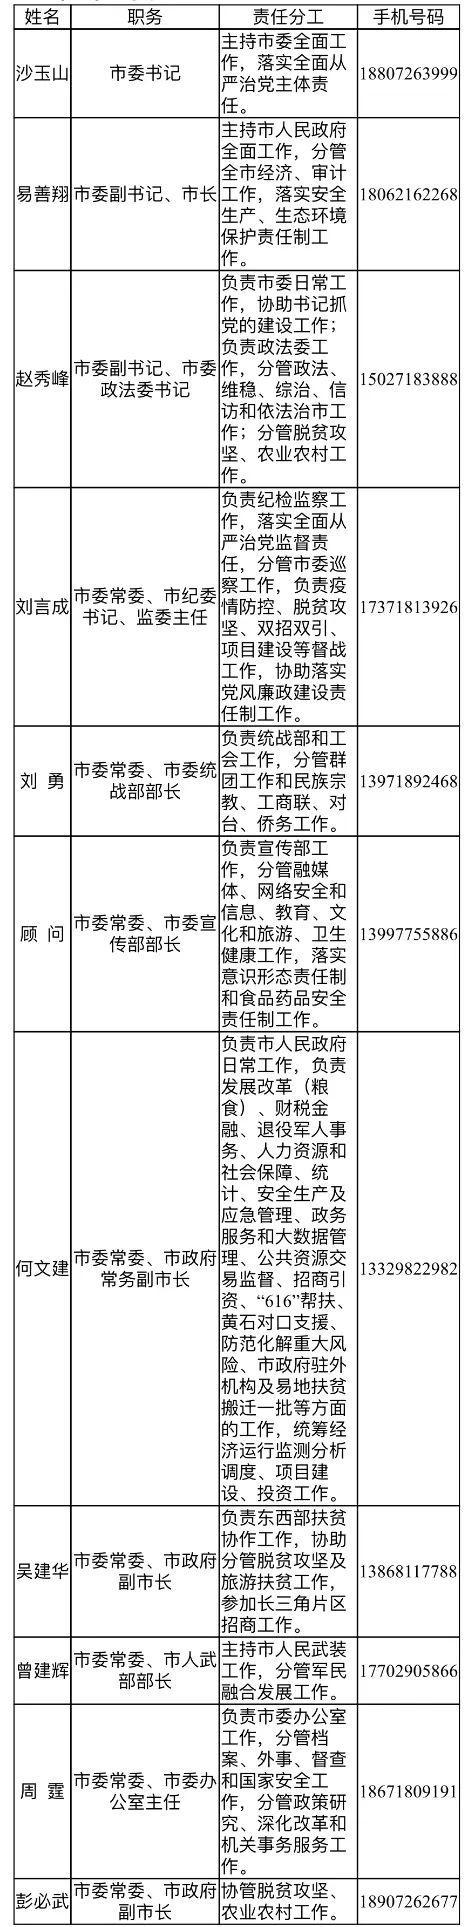 杏悦,北利川市委书记市长等百杏悦余名领导干图片